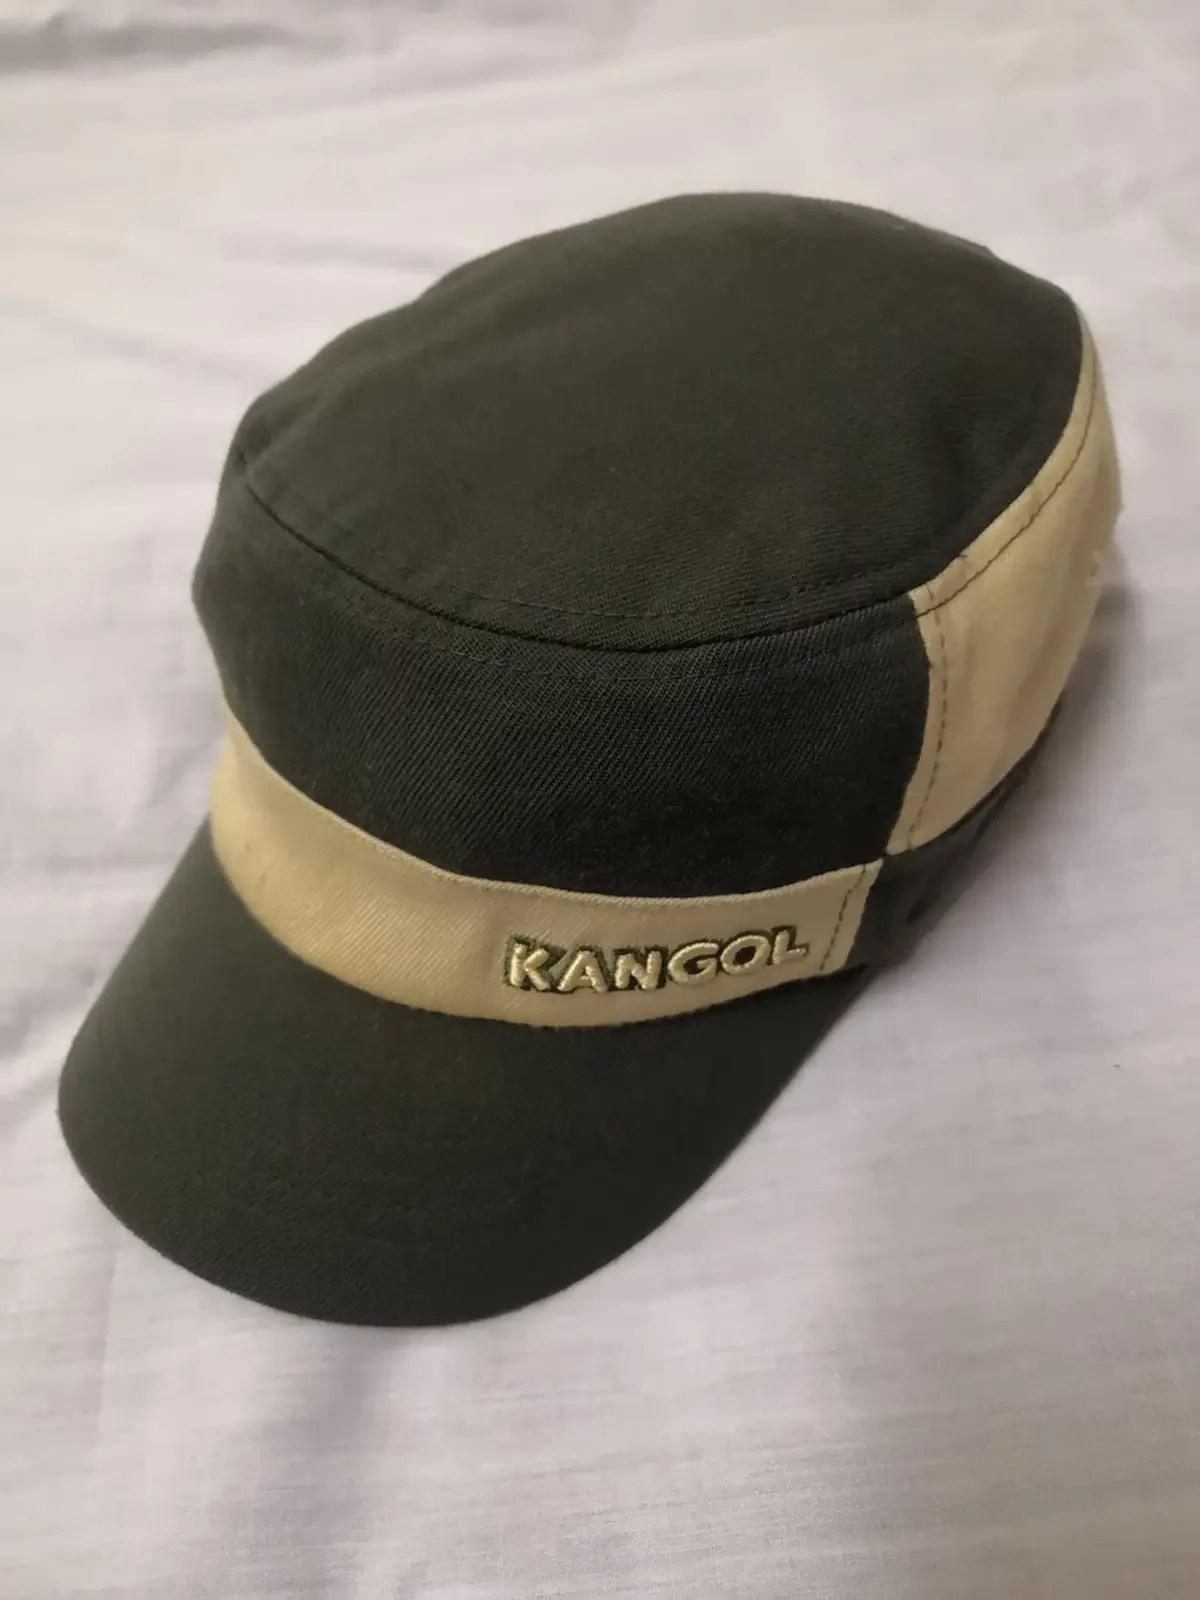 Eminem Kangol Hat GIFs - Find & Share on GIPHY